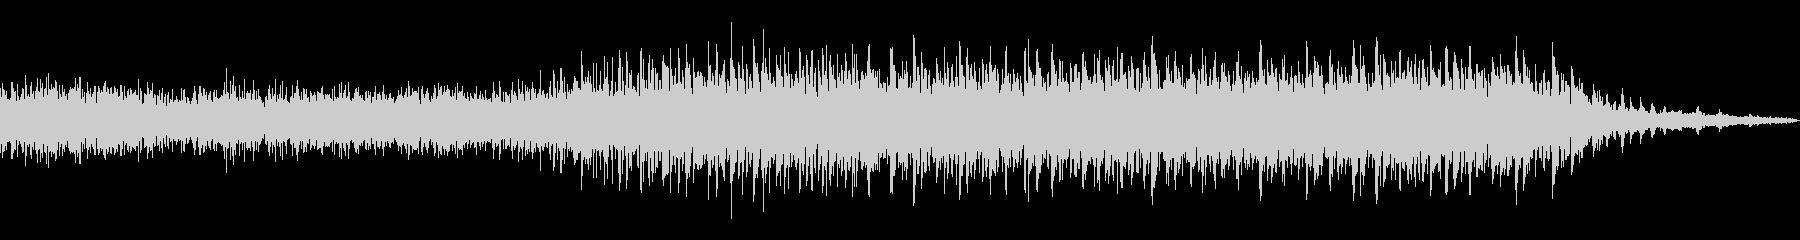 ディーゼルトラック:日野ディーゼル...の未再生の波形